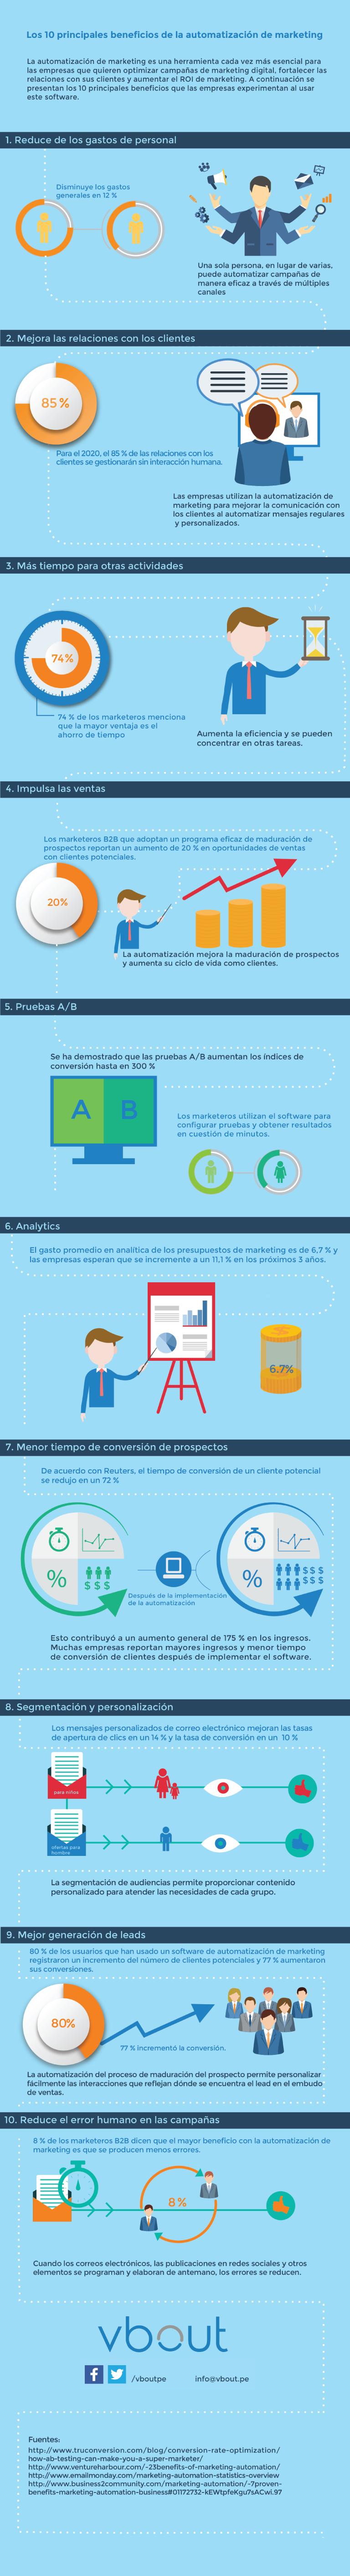 TOP10 beneficios del marketing automation